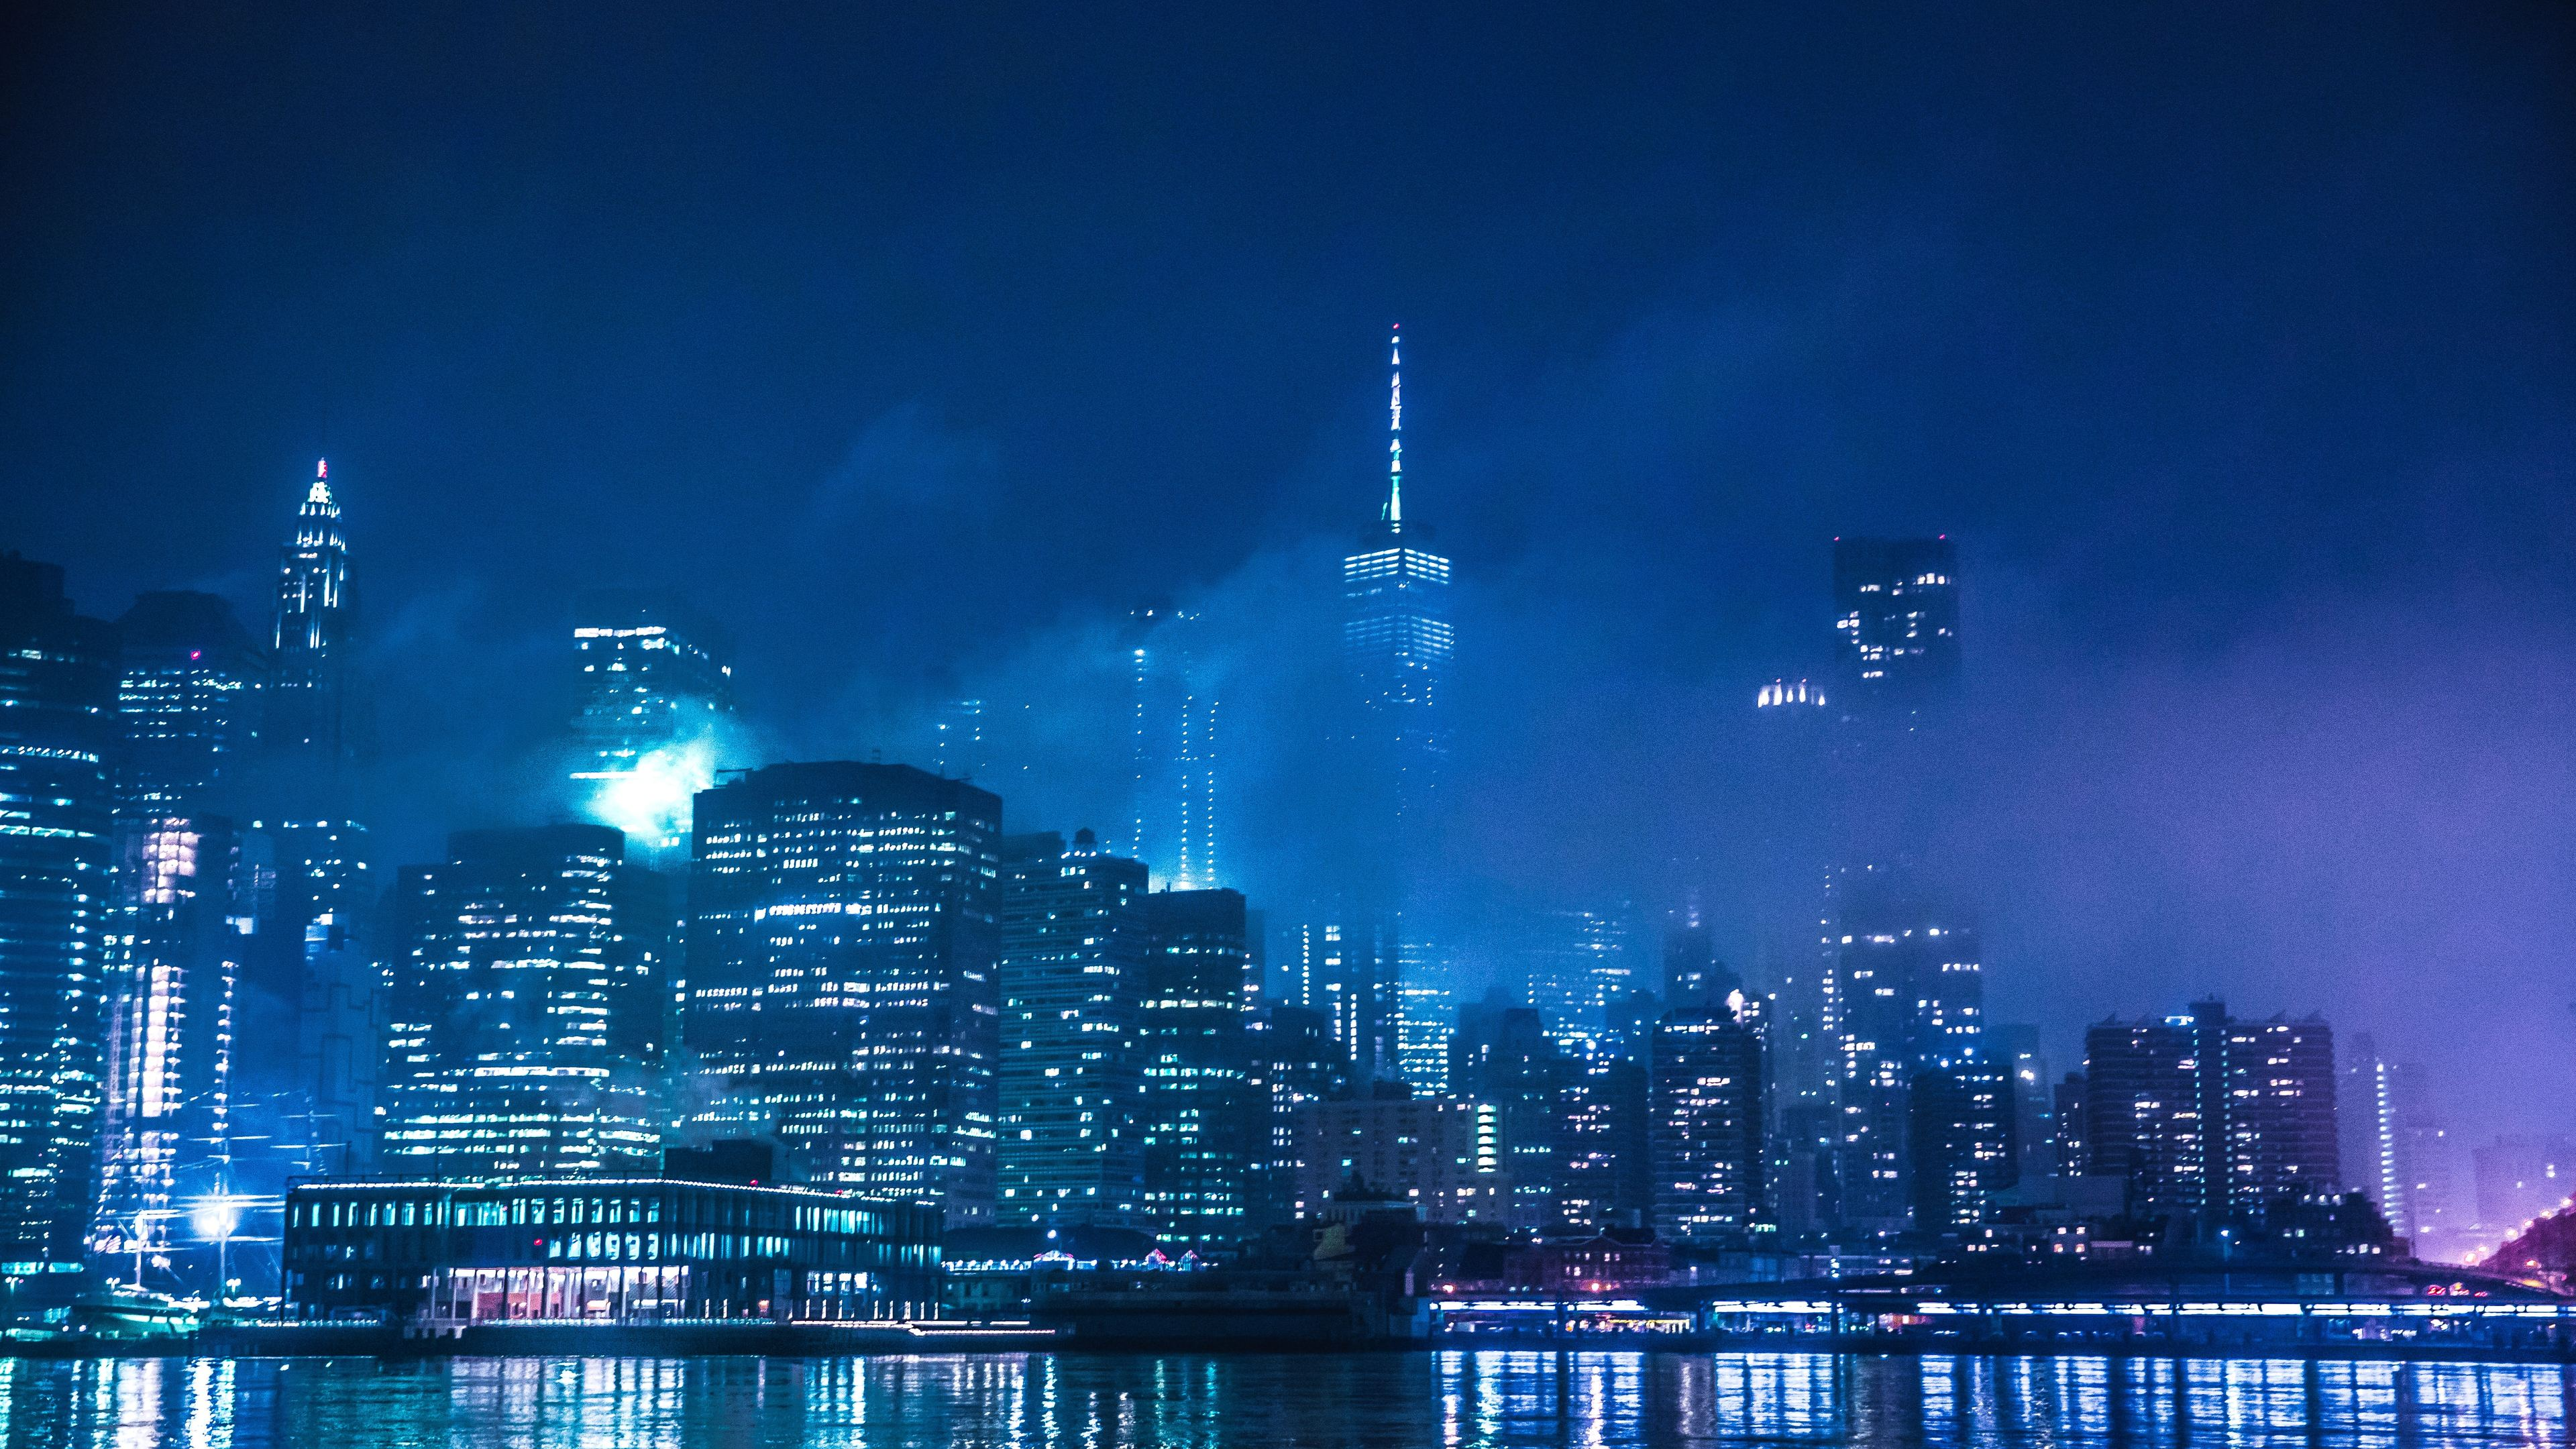 the lights of new york 4k 1560535871 - The Lights Of New York 4k - world wallpapers, new york wallpapers, hd-wallpapers, 4k-wallpapers